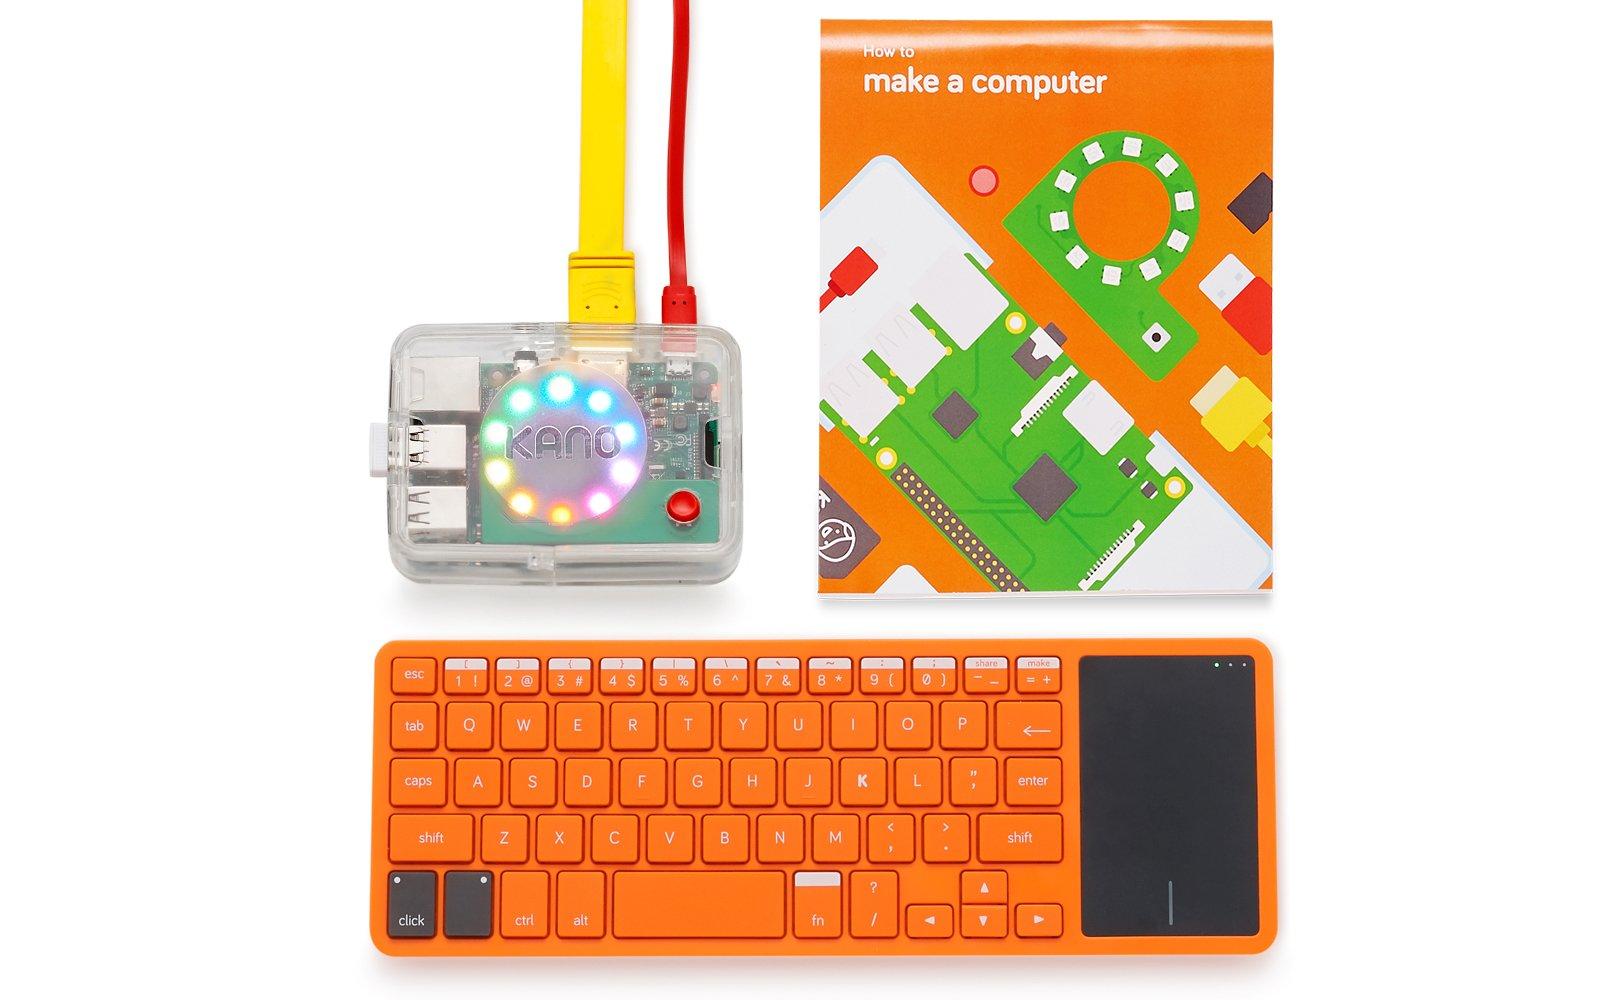 Kano Computer Kit - A Computer Anyone Can Make by Kano